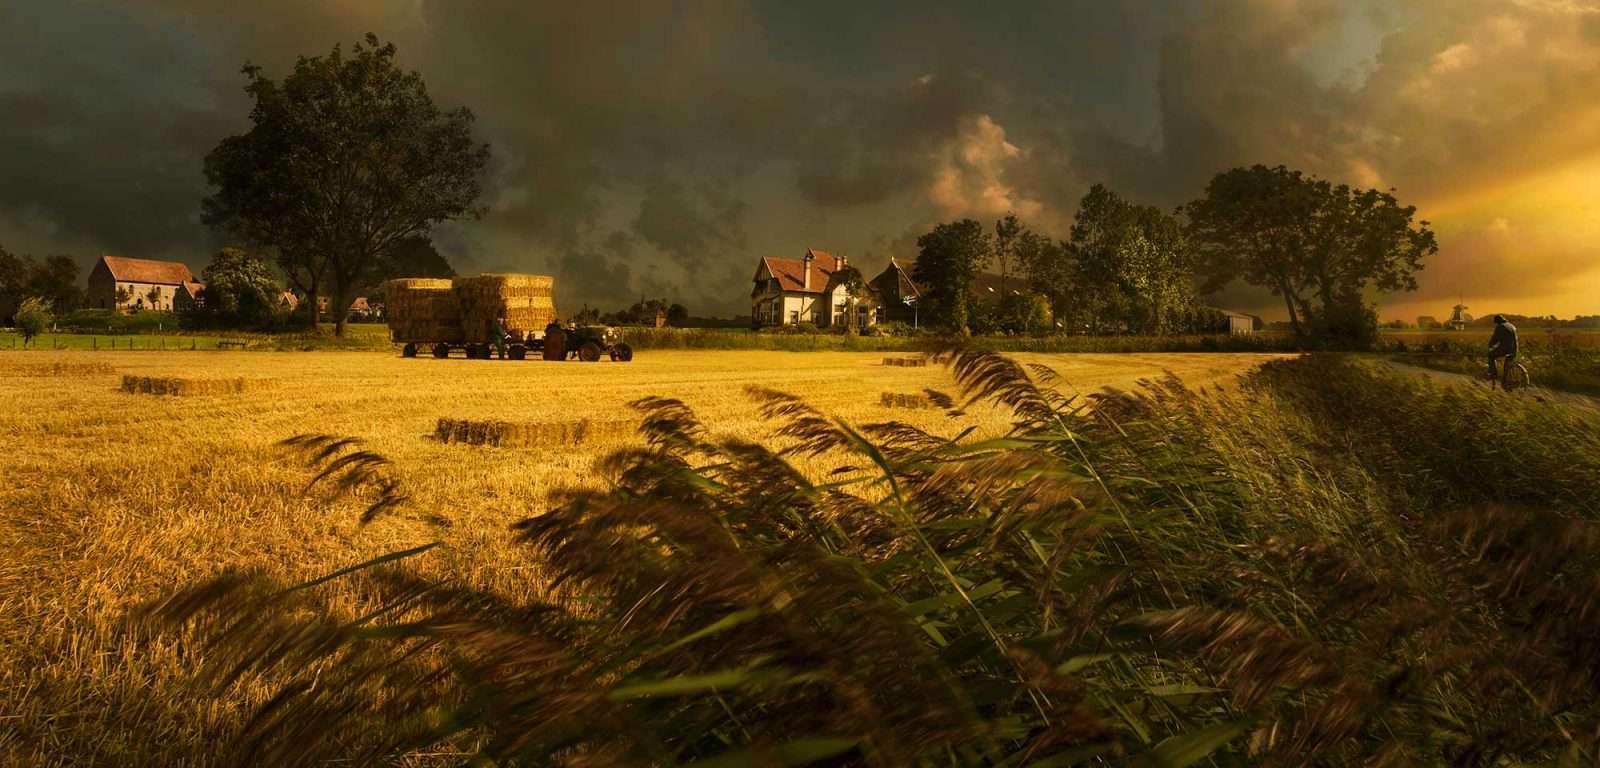 Groniger Landschap | Oude tijden herleven